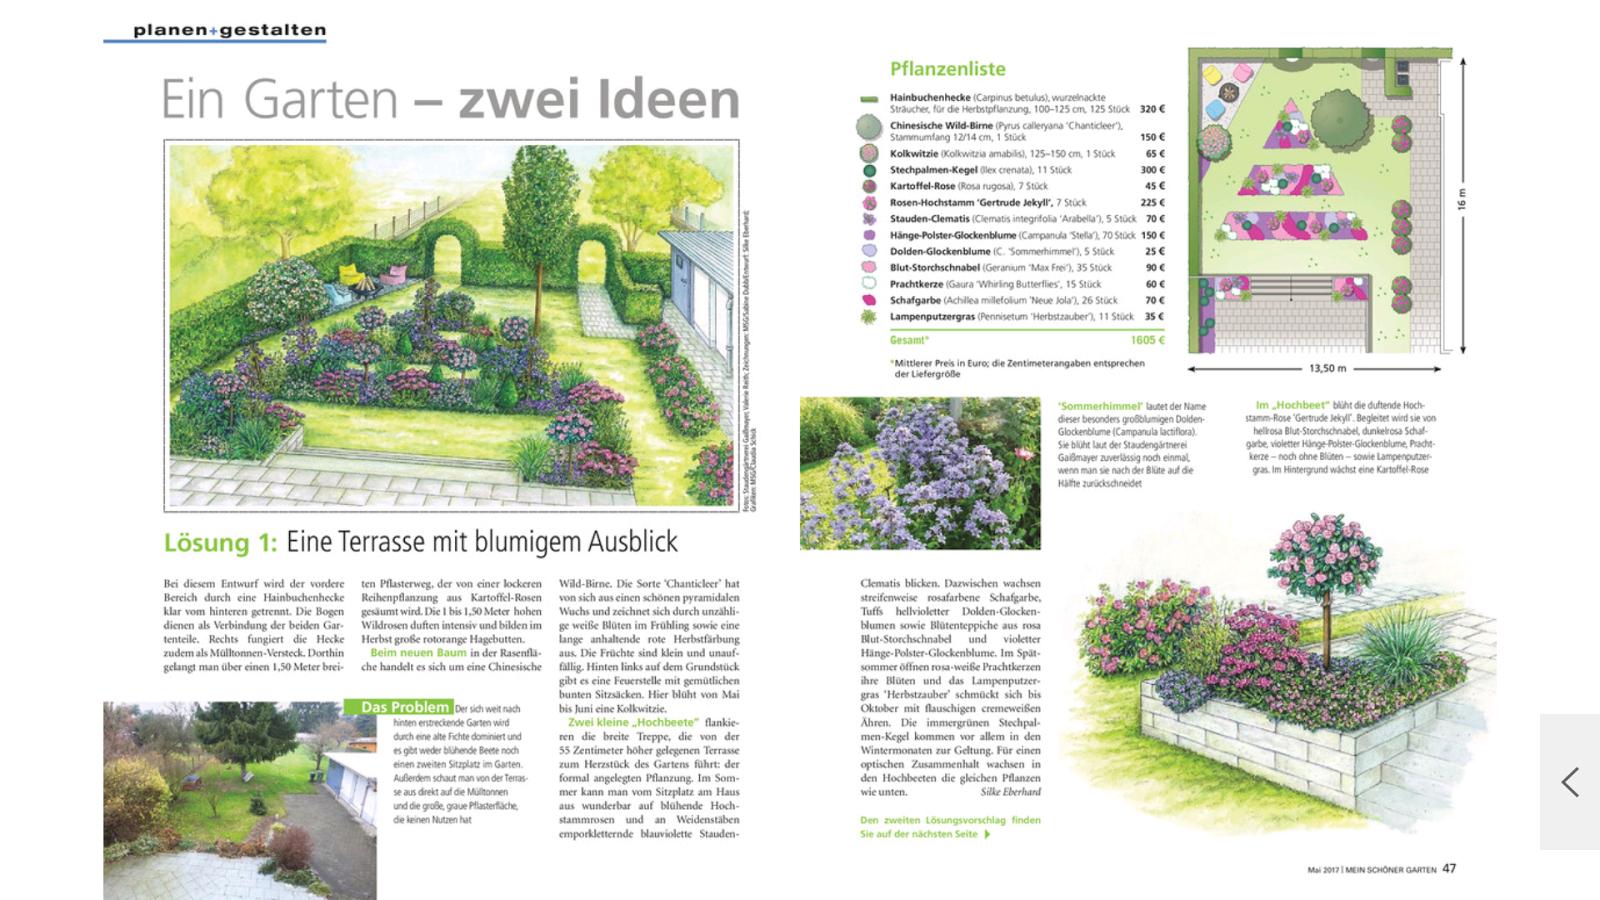 Mein schöner Garten Magazin - Android Apps on Google Play